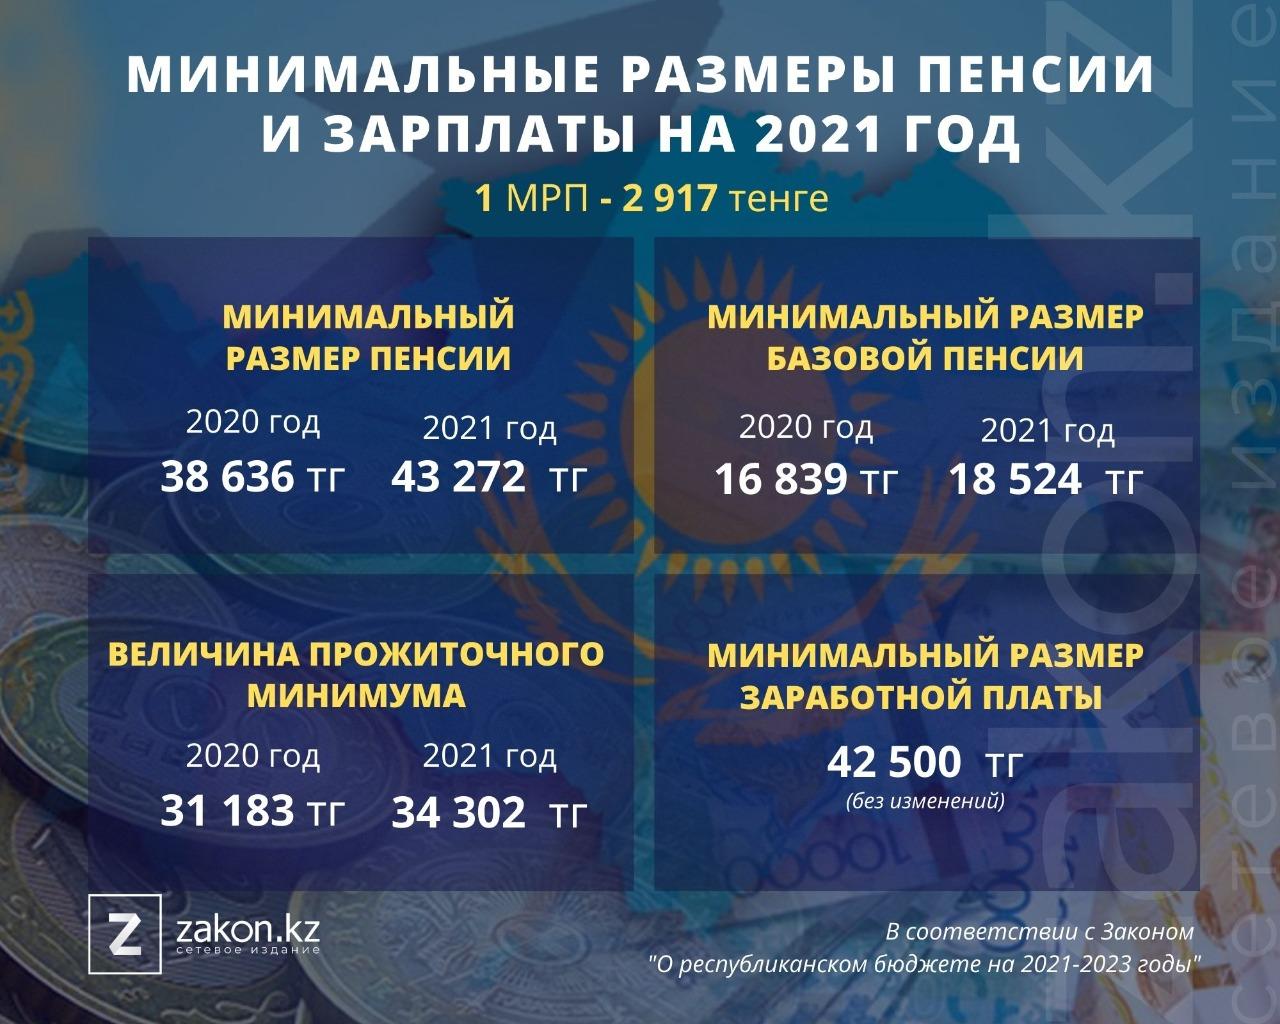 Сумма минимальной пенсии в казахстане в 2021 году ипотечный калькулятор предпенсионный возраст